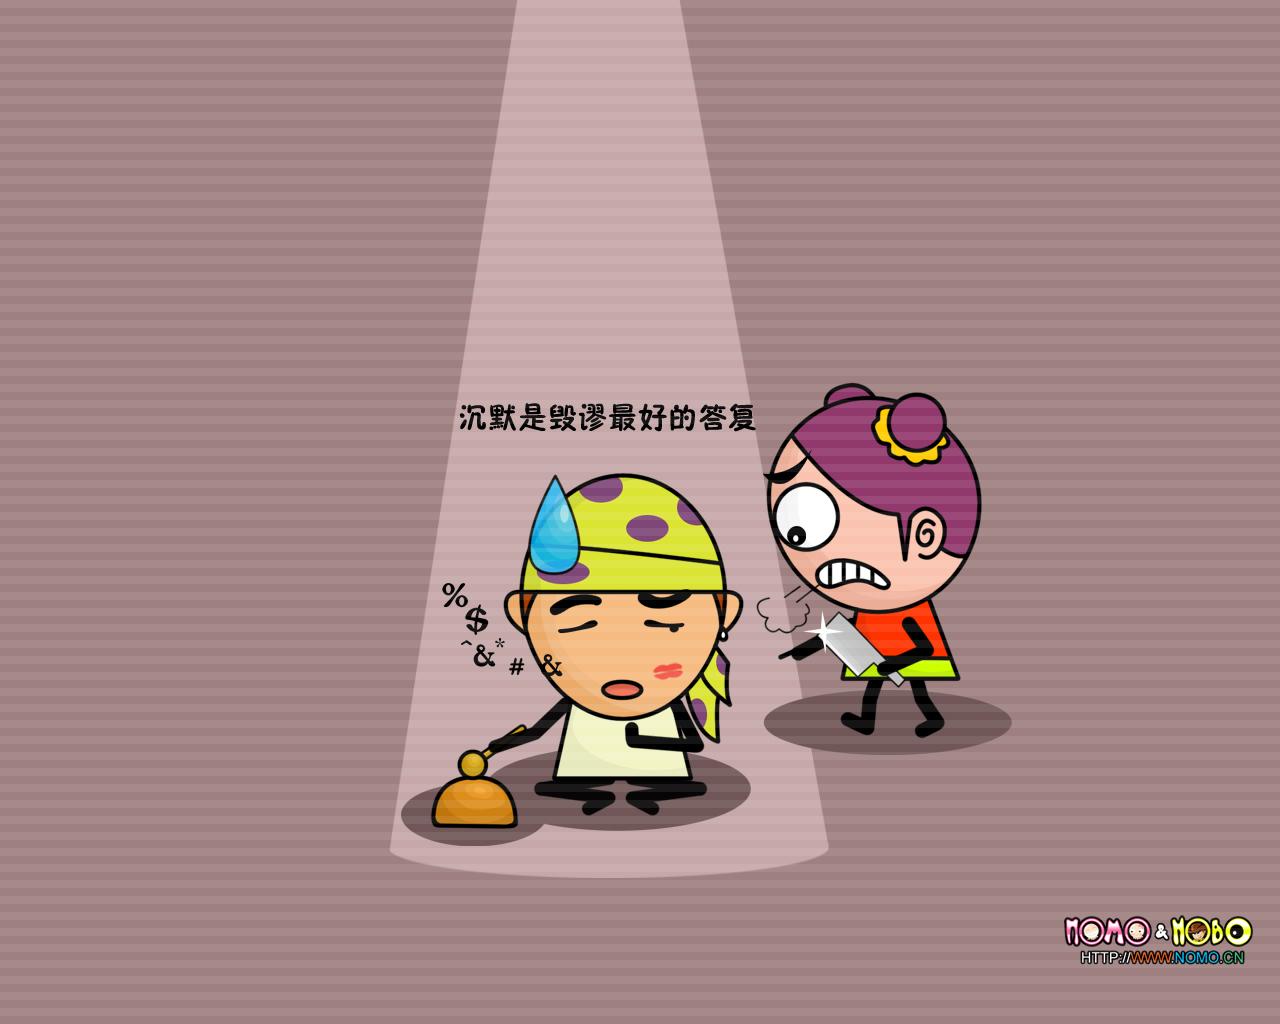 小孩跳广场舞图片_卡通小孩唱歌玩耍图片_卡通小孩玩耍的图片_卡通小孩玩耍图片 ...